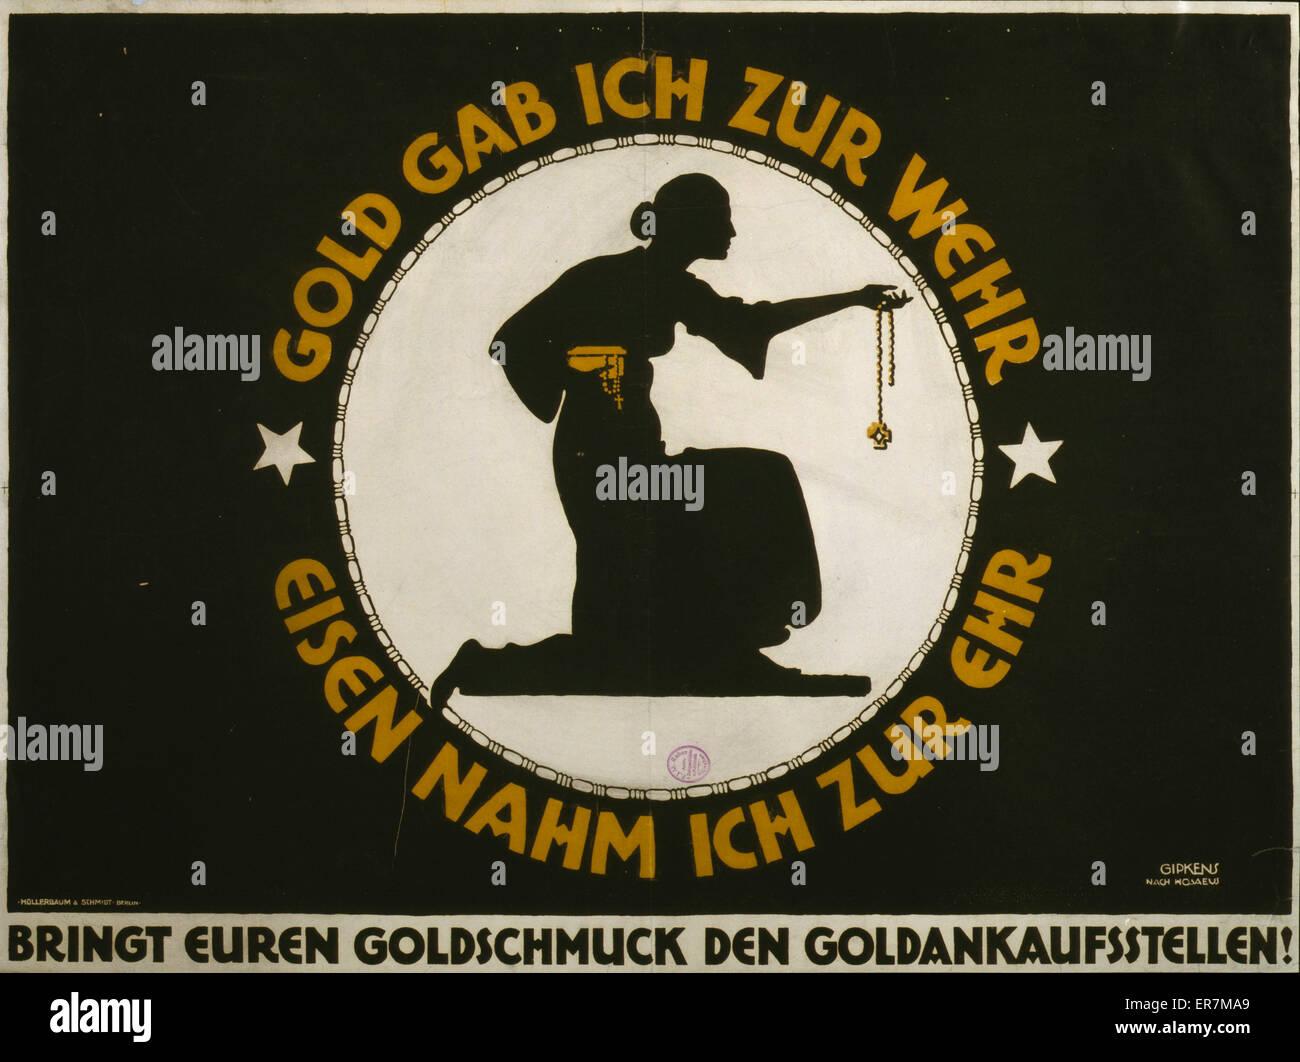 Gold gab ich zur Wehr, Eisen nahm ich zur Ehr  Poster shows silhouette of a kneeling woman (probably modeled on - Stock Image